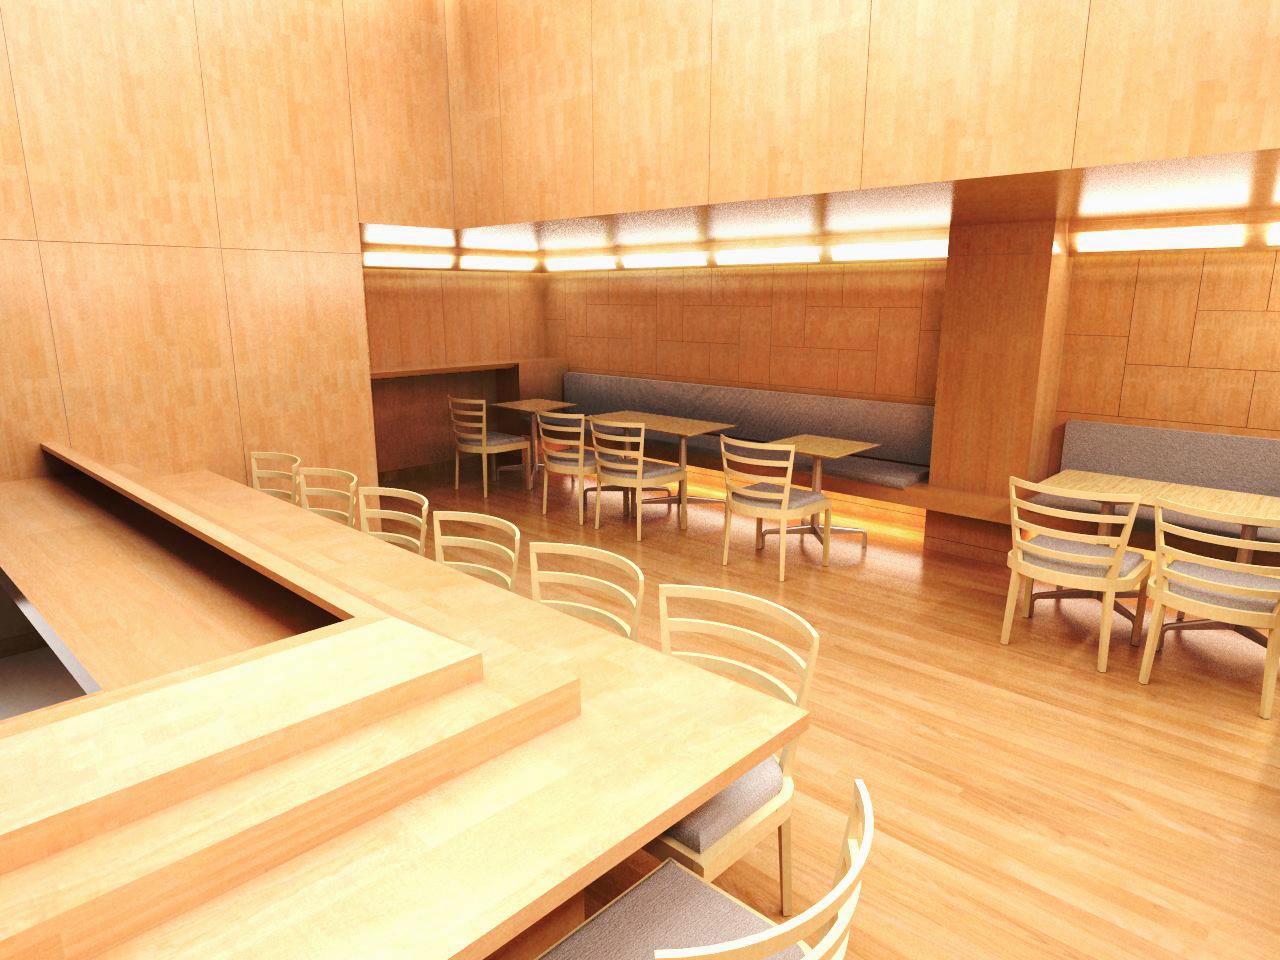 Sushi Yasuda Restaurant, NYC // Belmont Freeman Architects